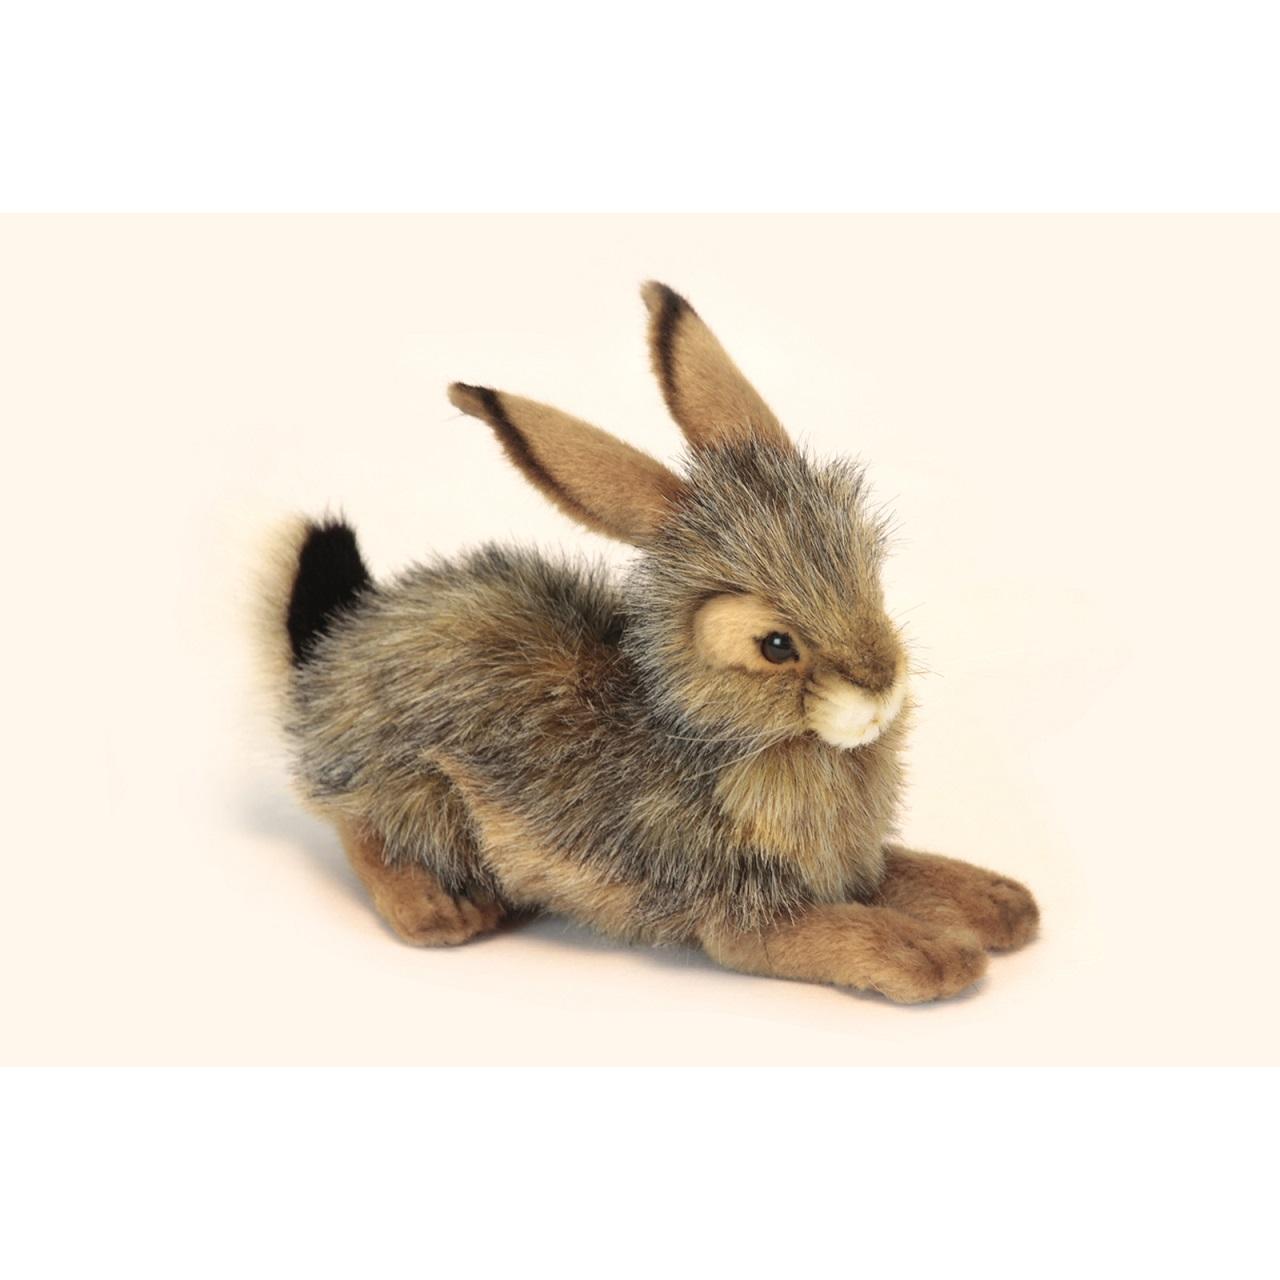 Мягкая игрушка – Кролик черный, 25 см.Зайцы и кролики<br>Мягкая игрушка – Кролик черный, 25 см.<br>